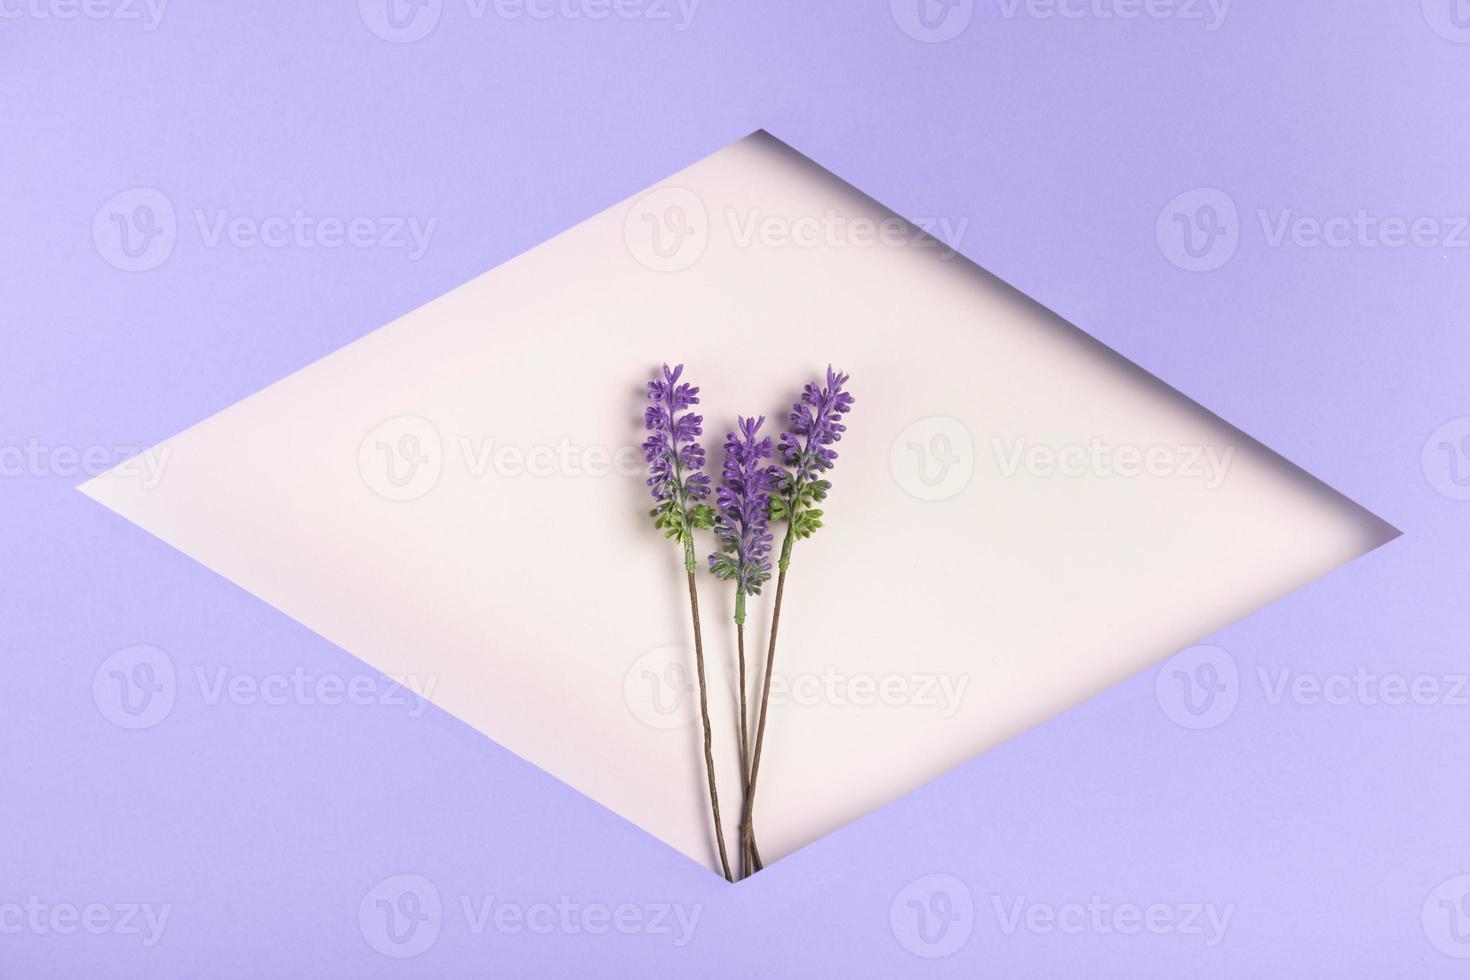 geometrische papiervorm met lavendel foto